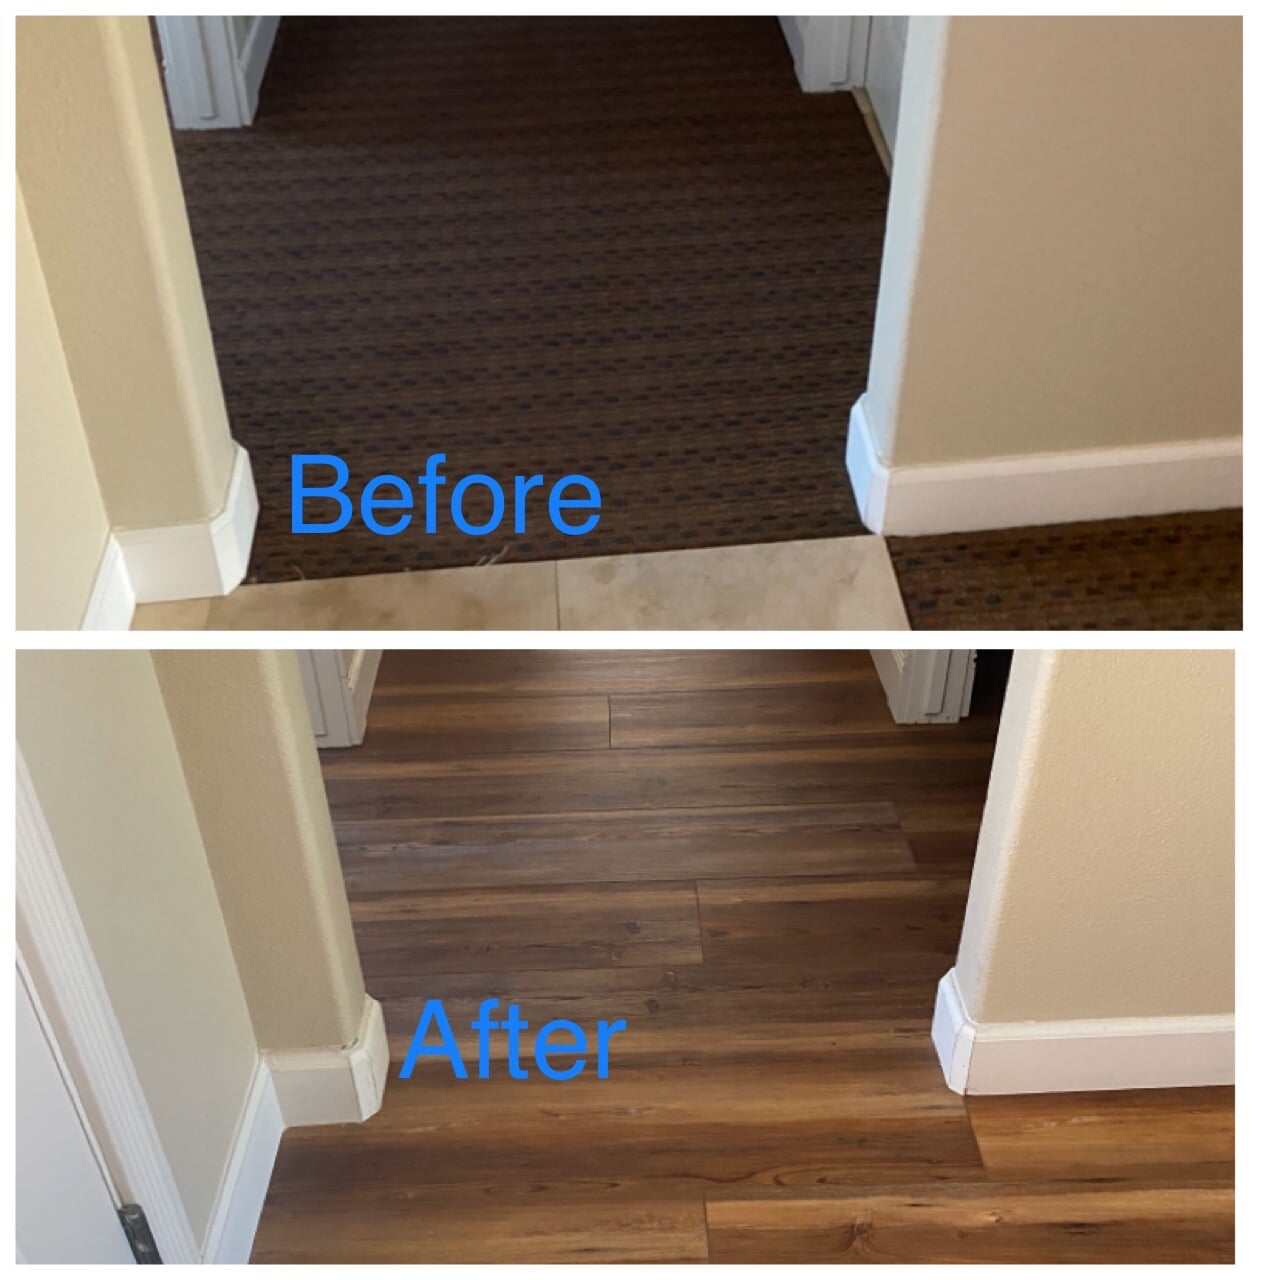 Hardwood flooring from Carpet King Interiors in Fernley, NV